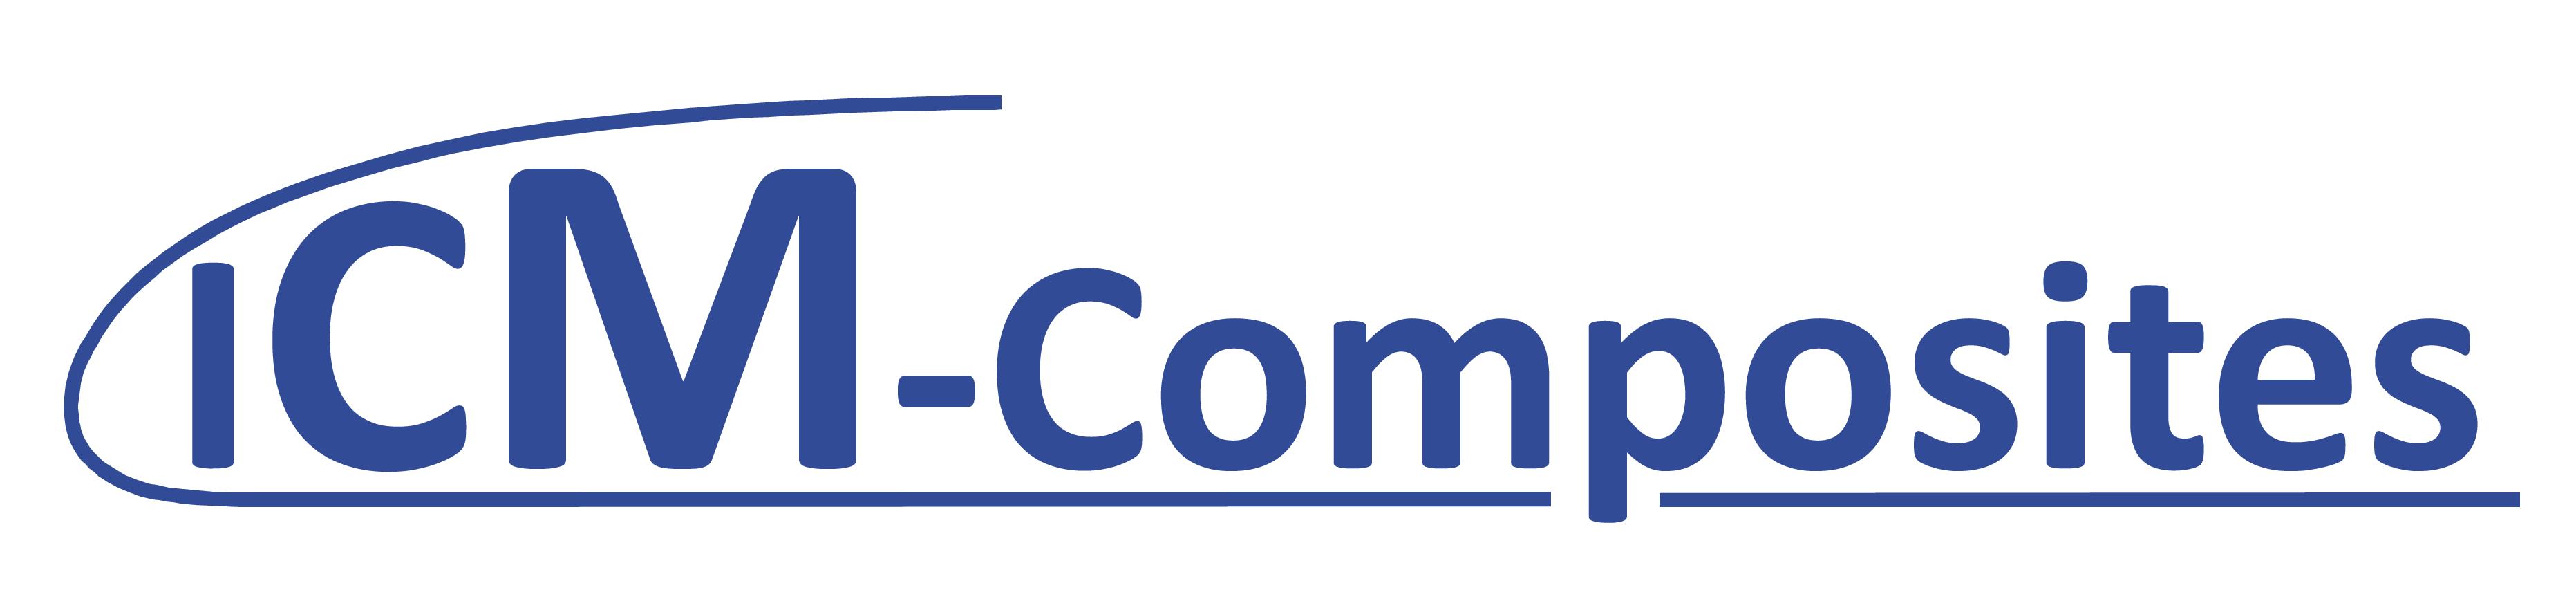 ICM-Composites